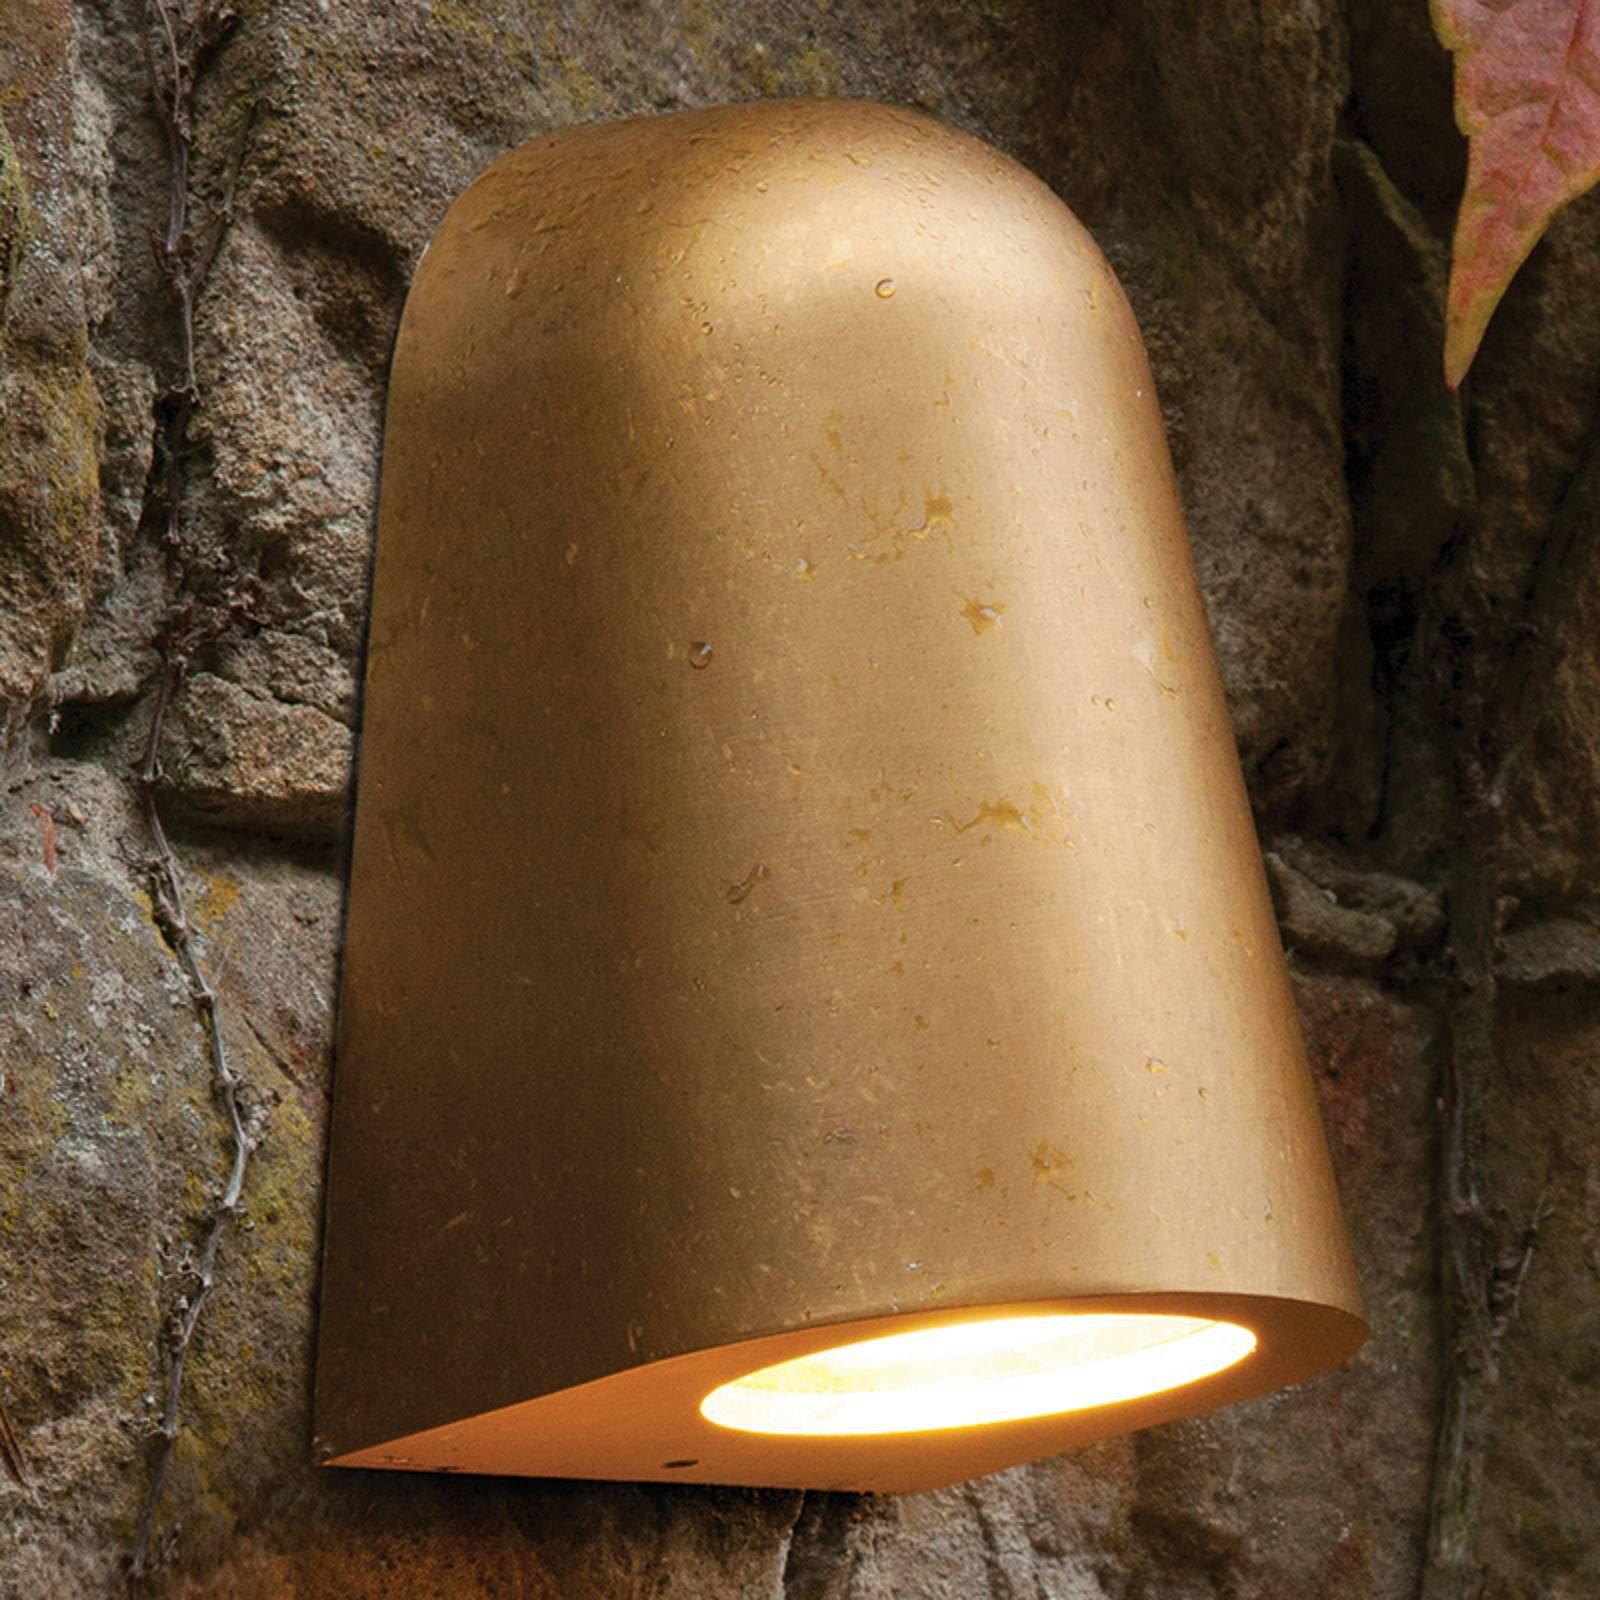 Saltvannsresistent utendørs vegglampe Mast Light